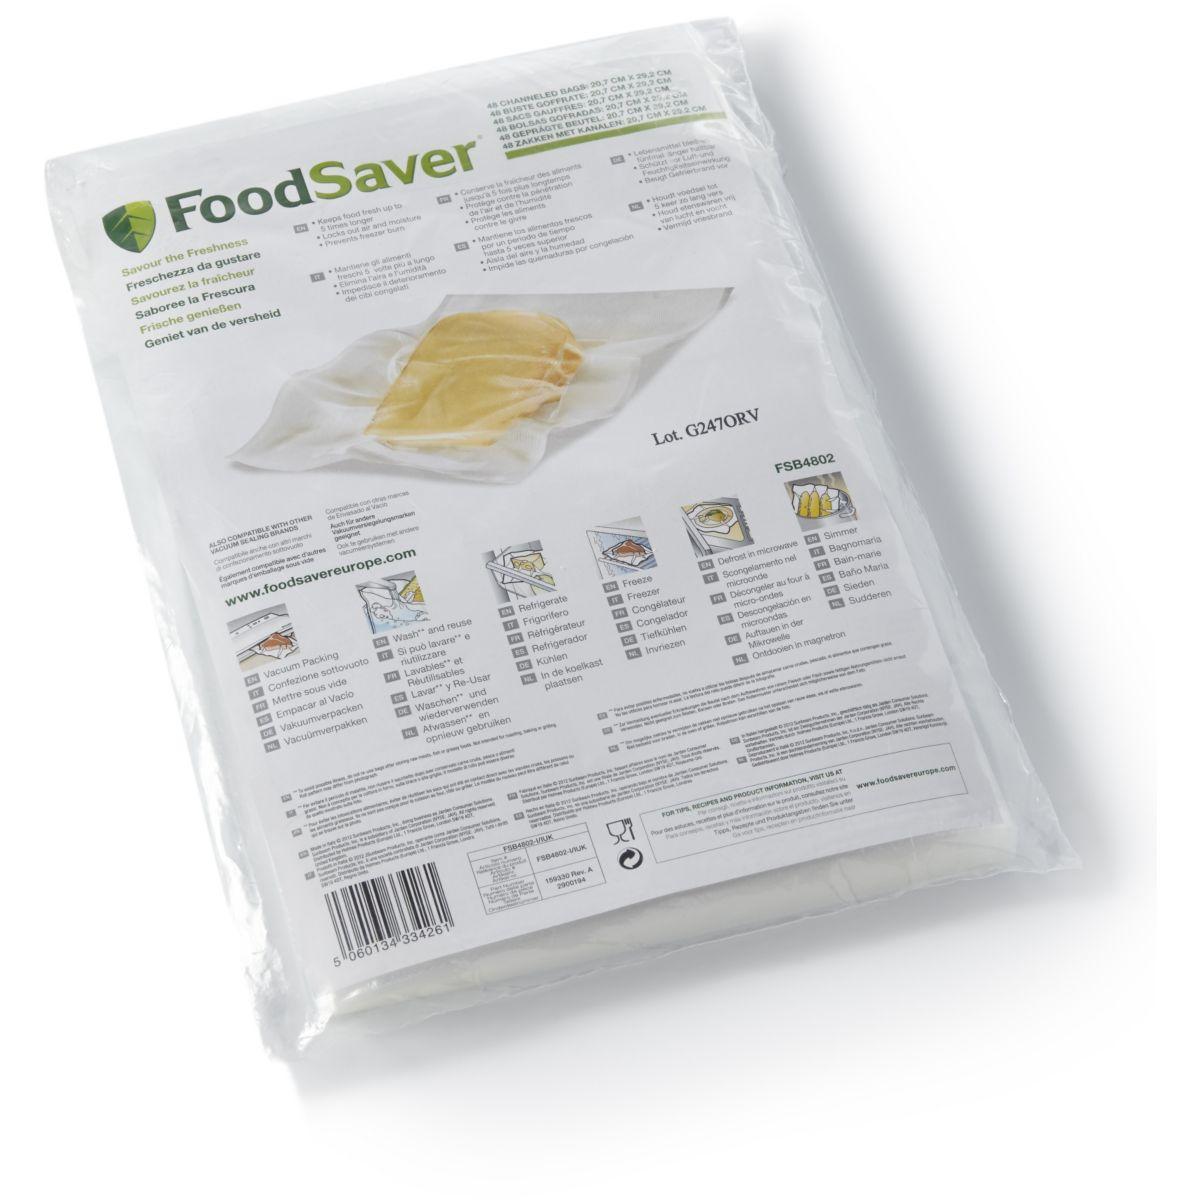 Boîte food saver 48 sacs x 0.94 l - 5 ep - 20% de remise immédiate avec le code : cool20 (photo)